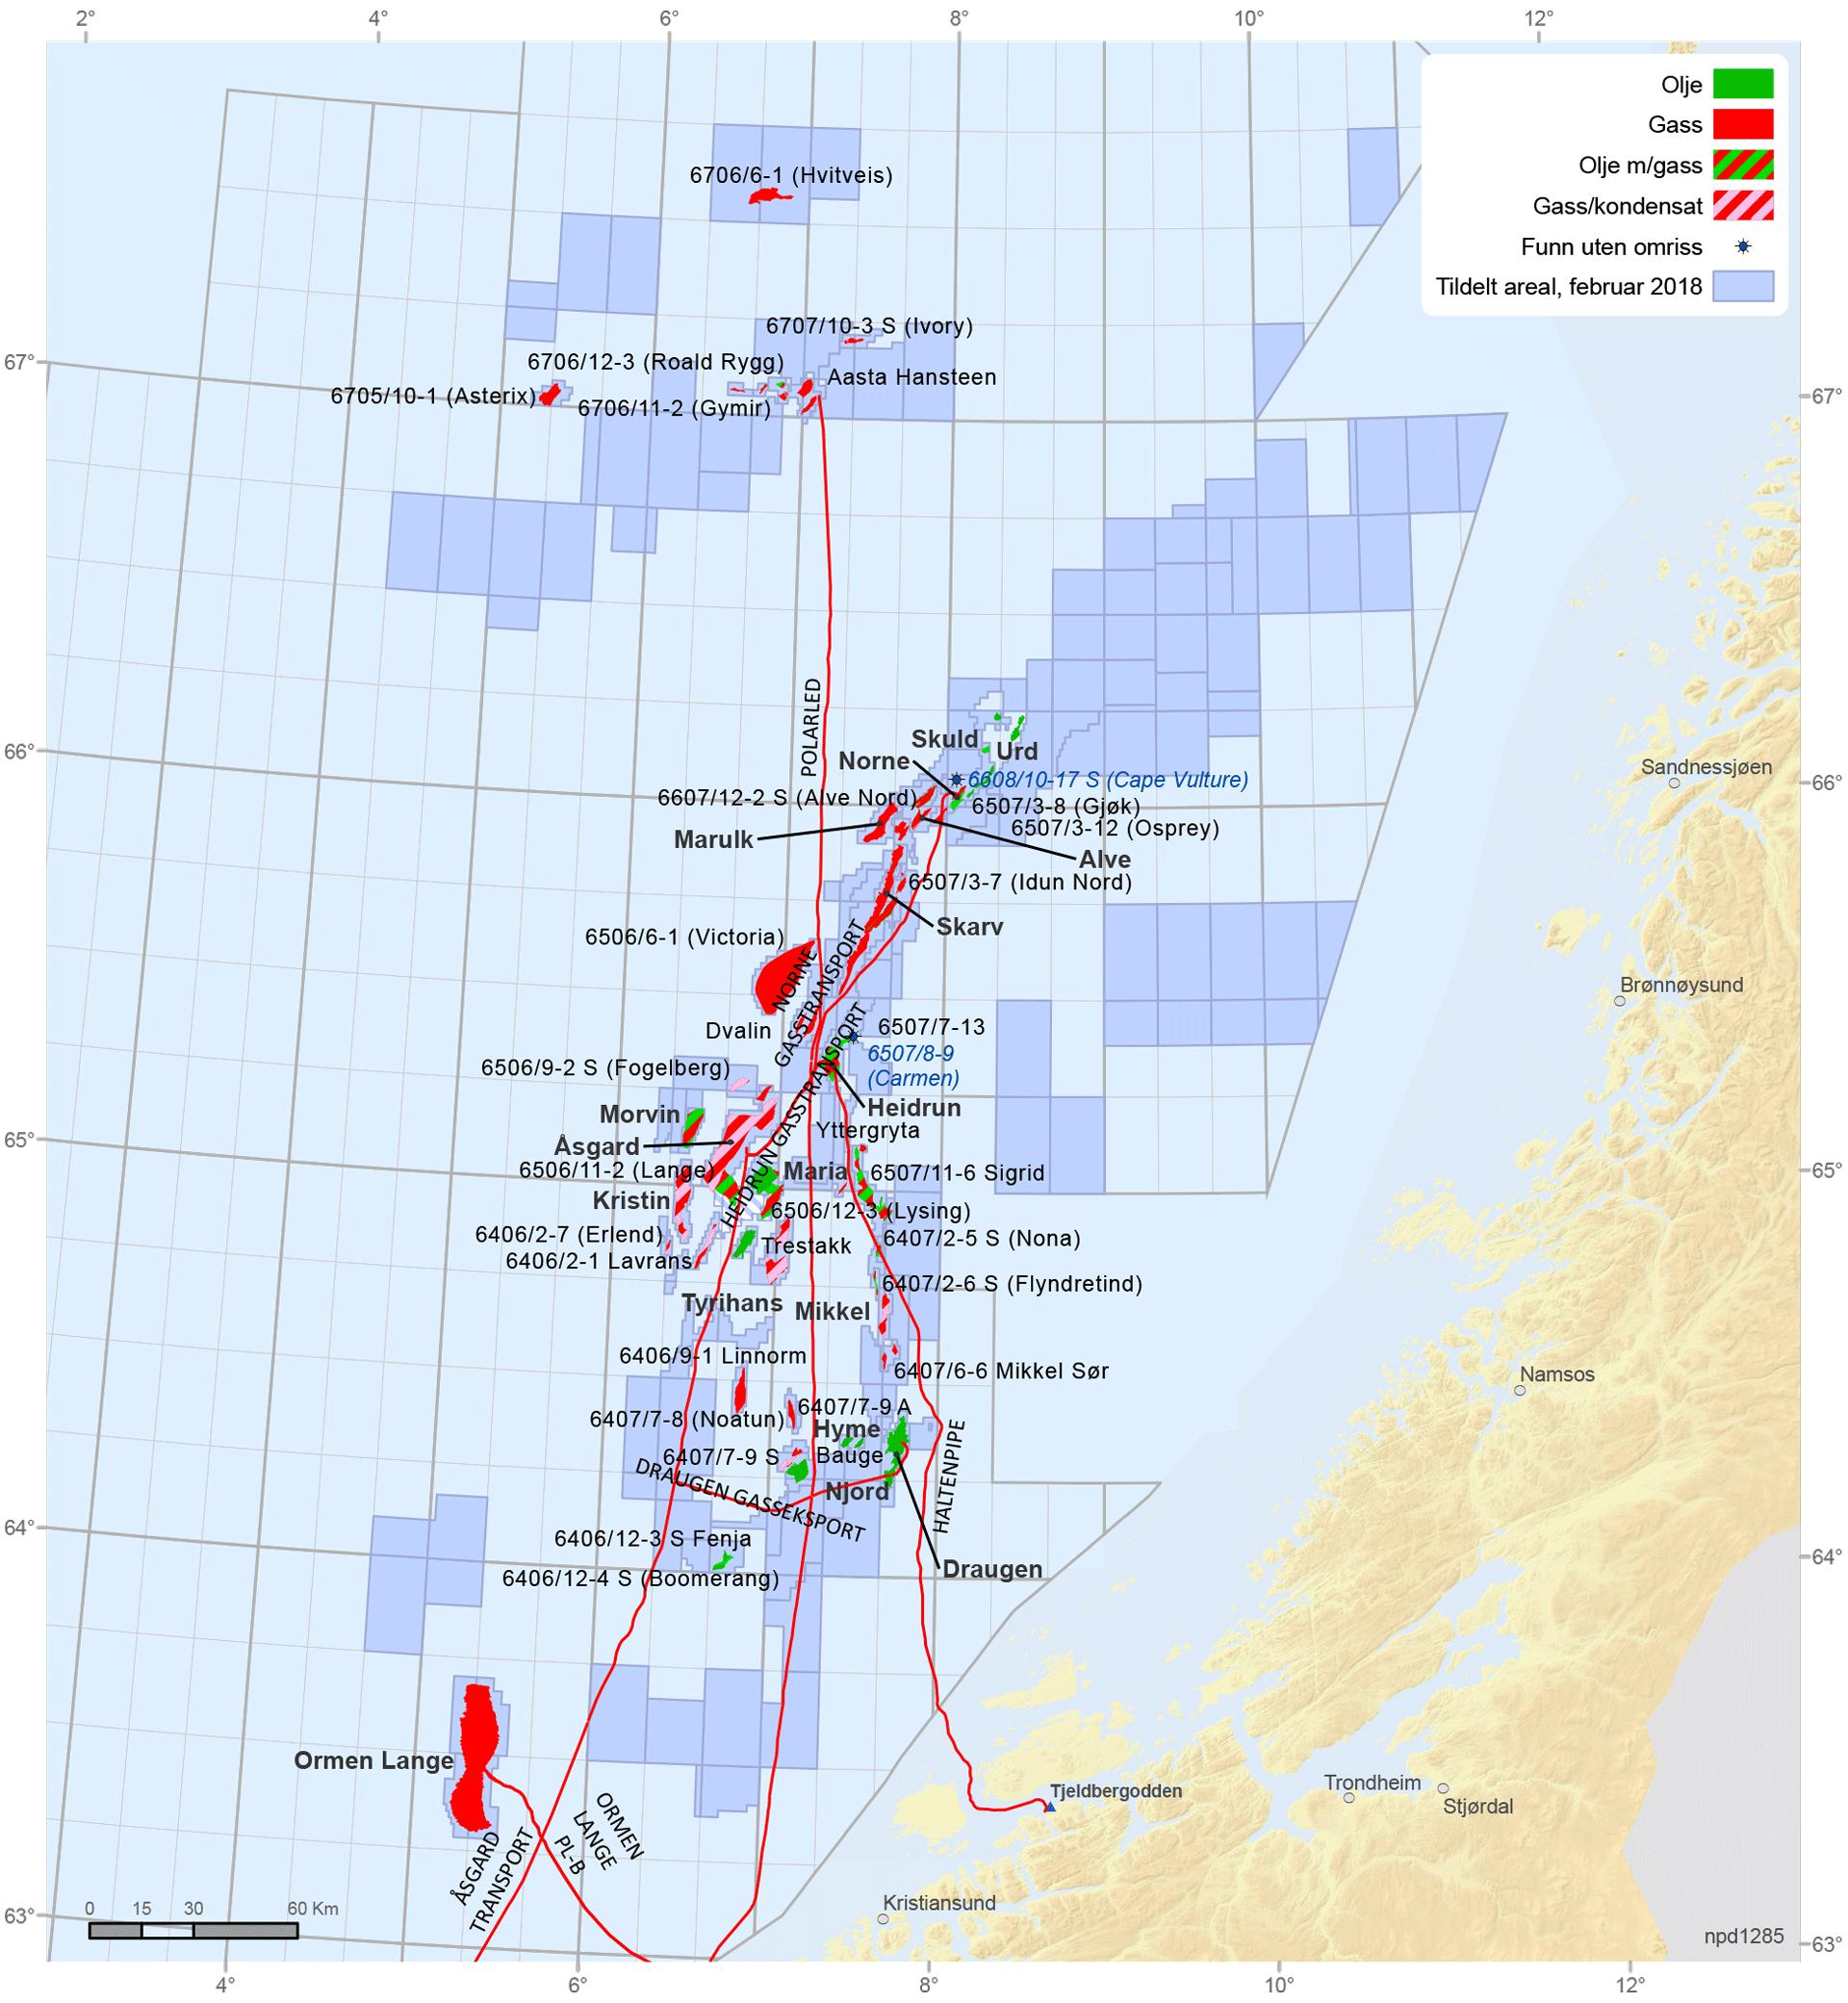 Felt og funn i Norskehavet